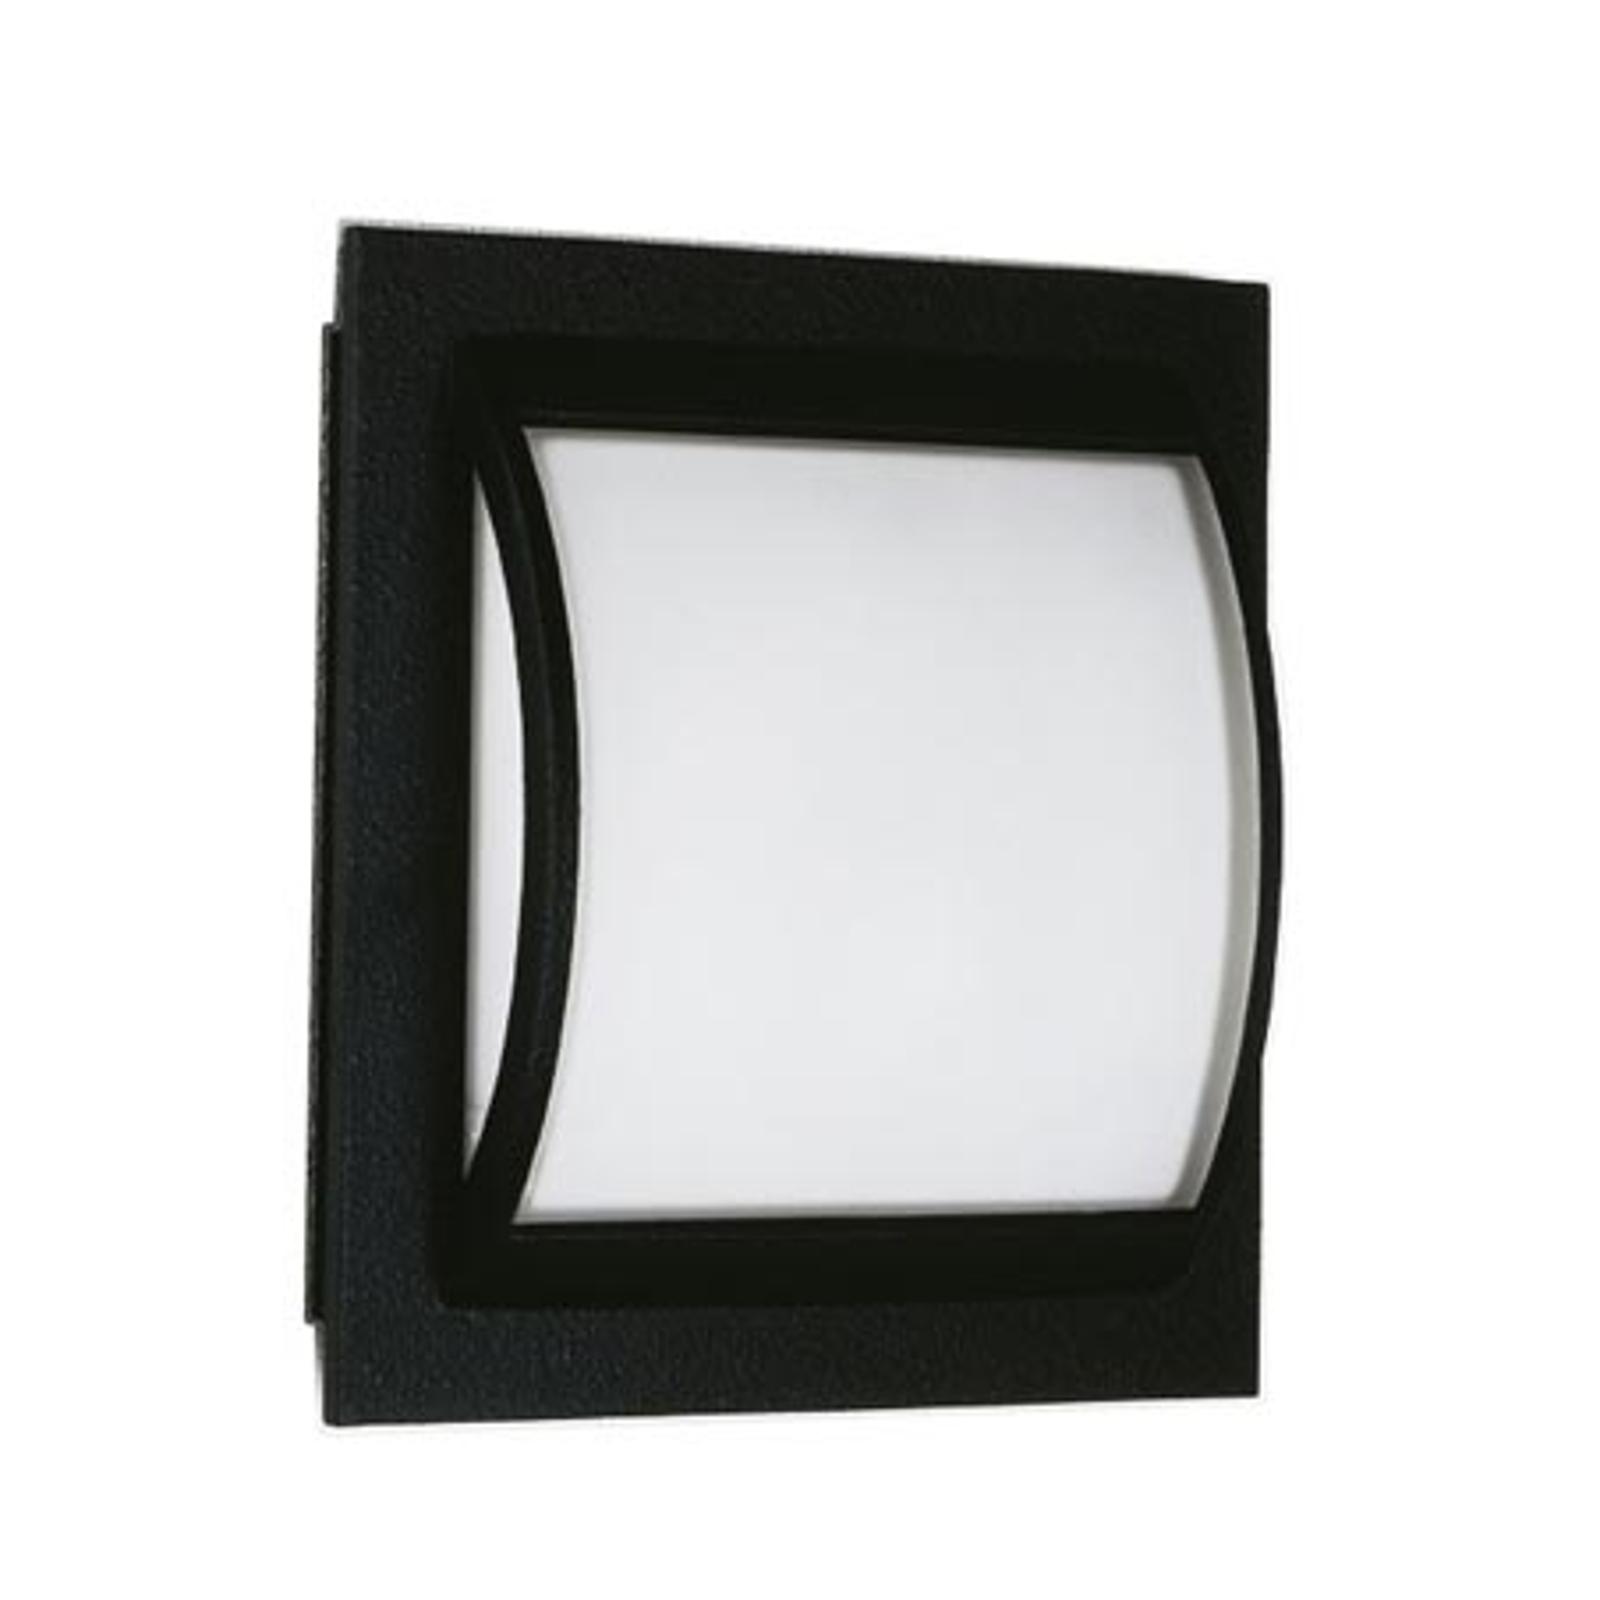 Zewnętrzna lampa ścienna lub sufitowa 349 E27 S